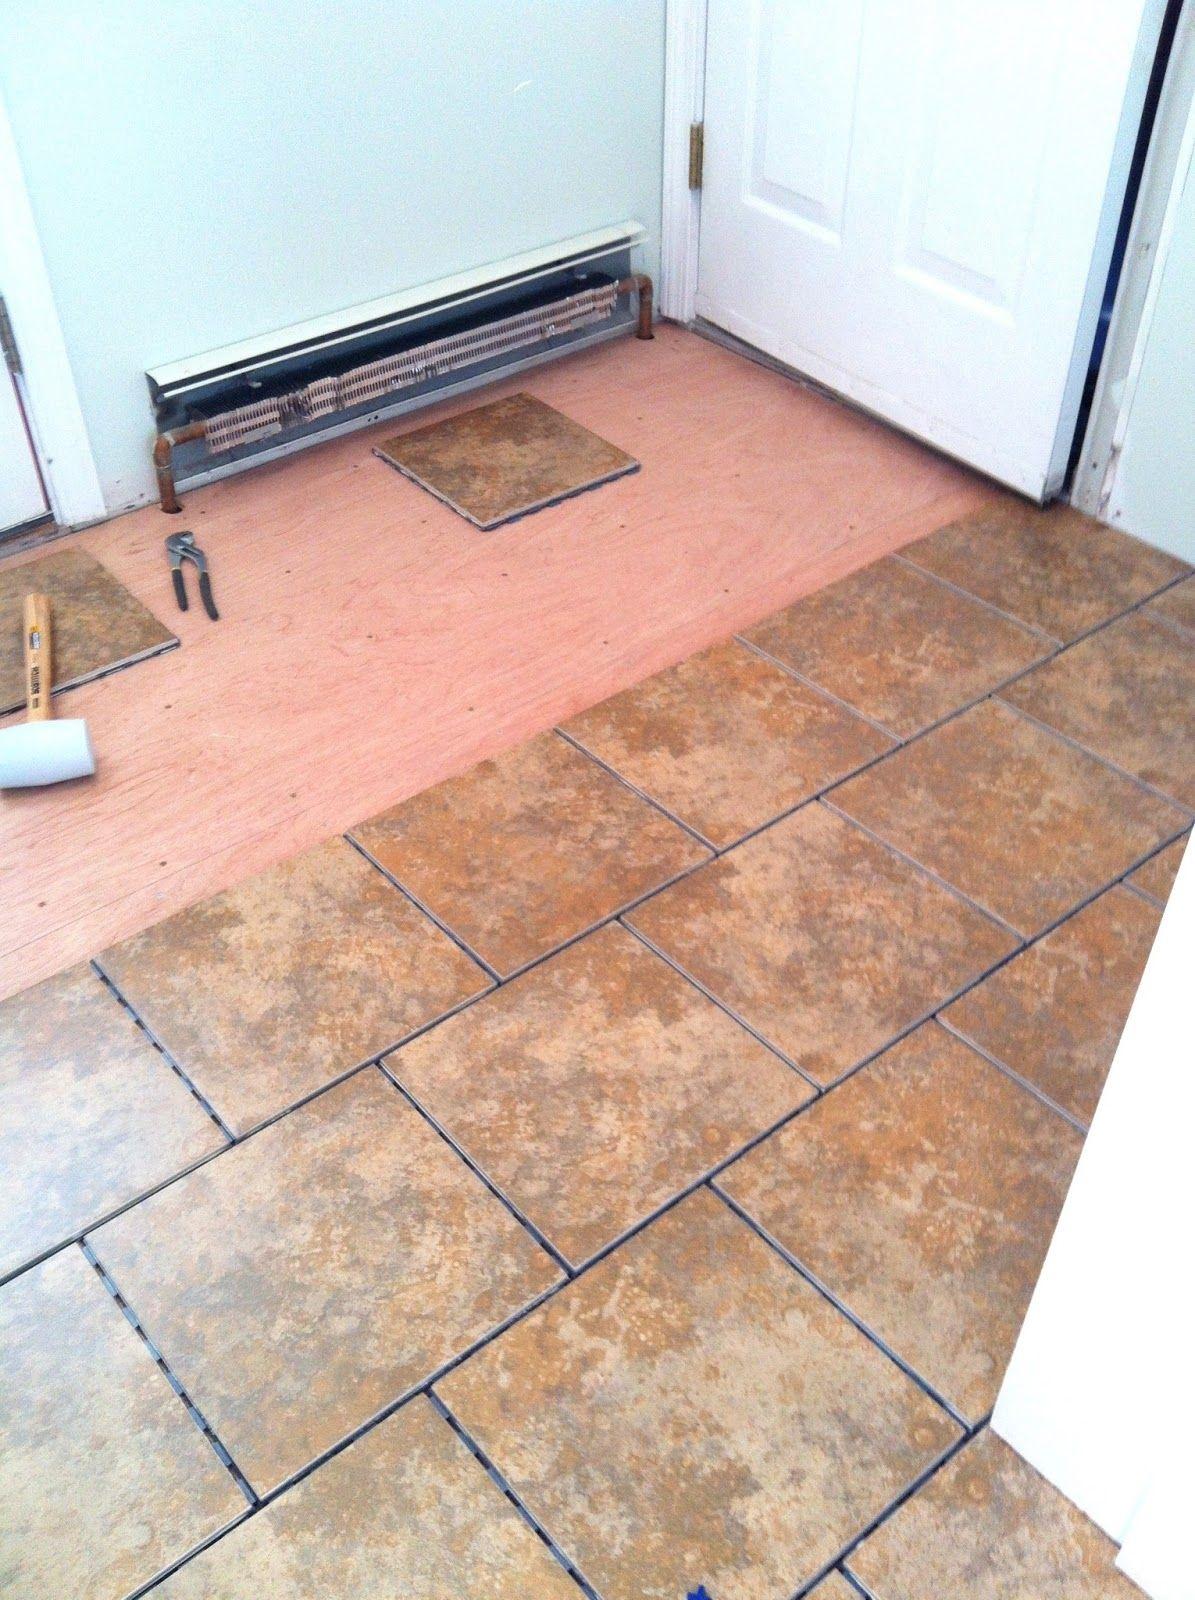 Ceramic Snap Together Floor Tiles Tcworks Org